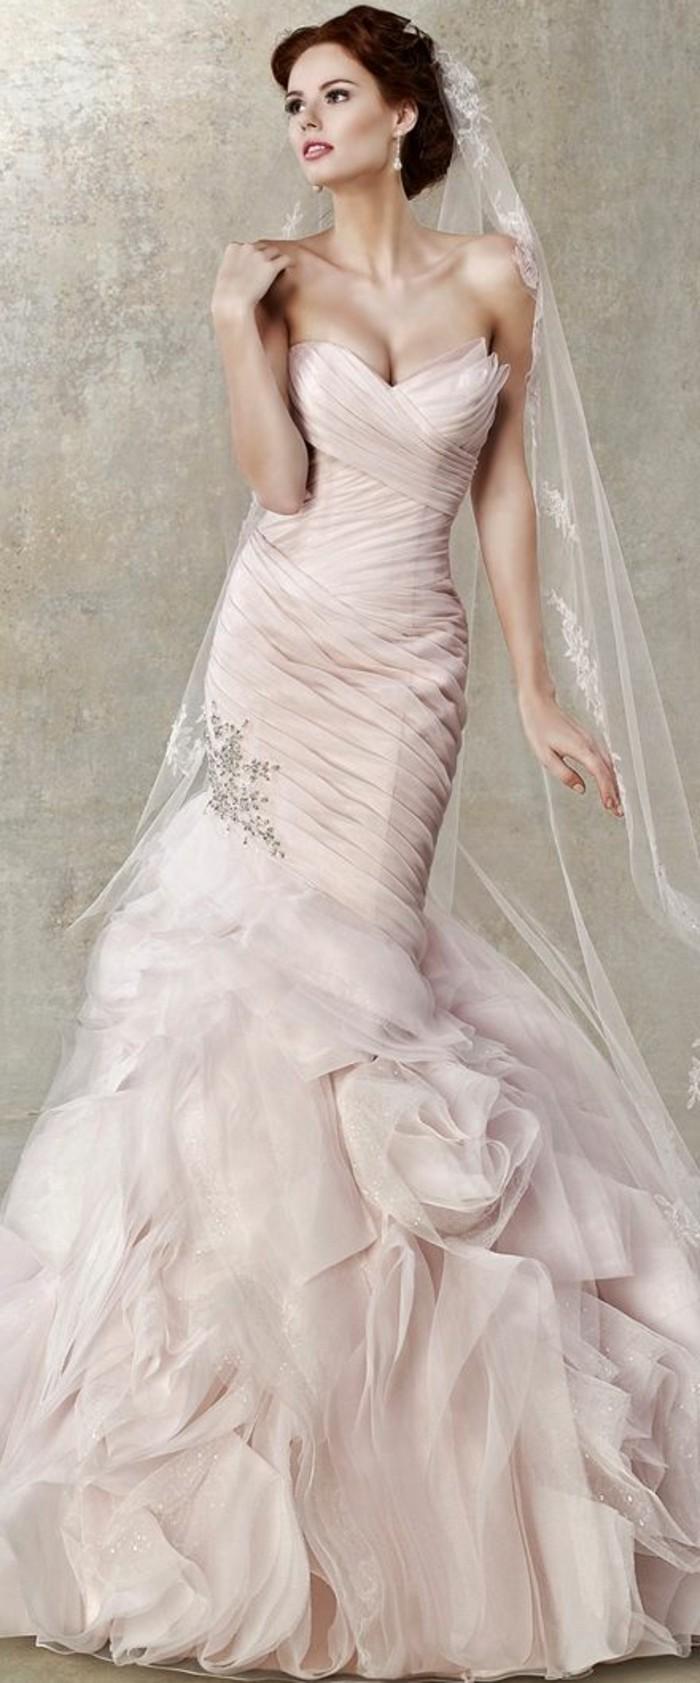 Rosa Brautkleid für einen glamourösen Hochzeits-Look - Archzine.net